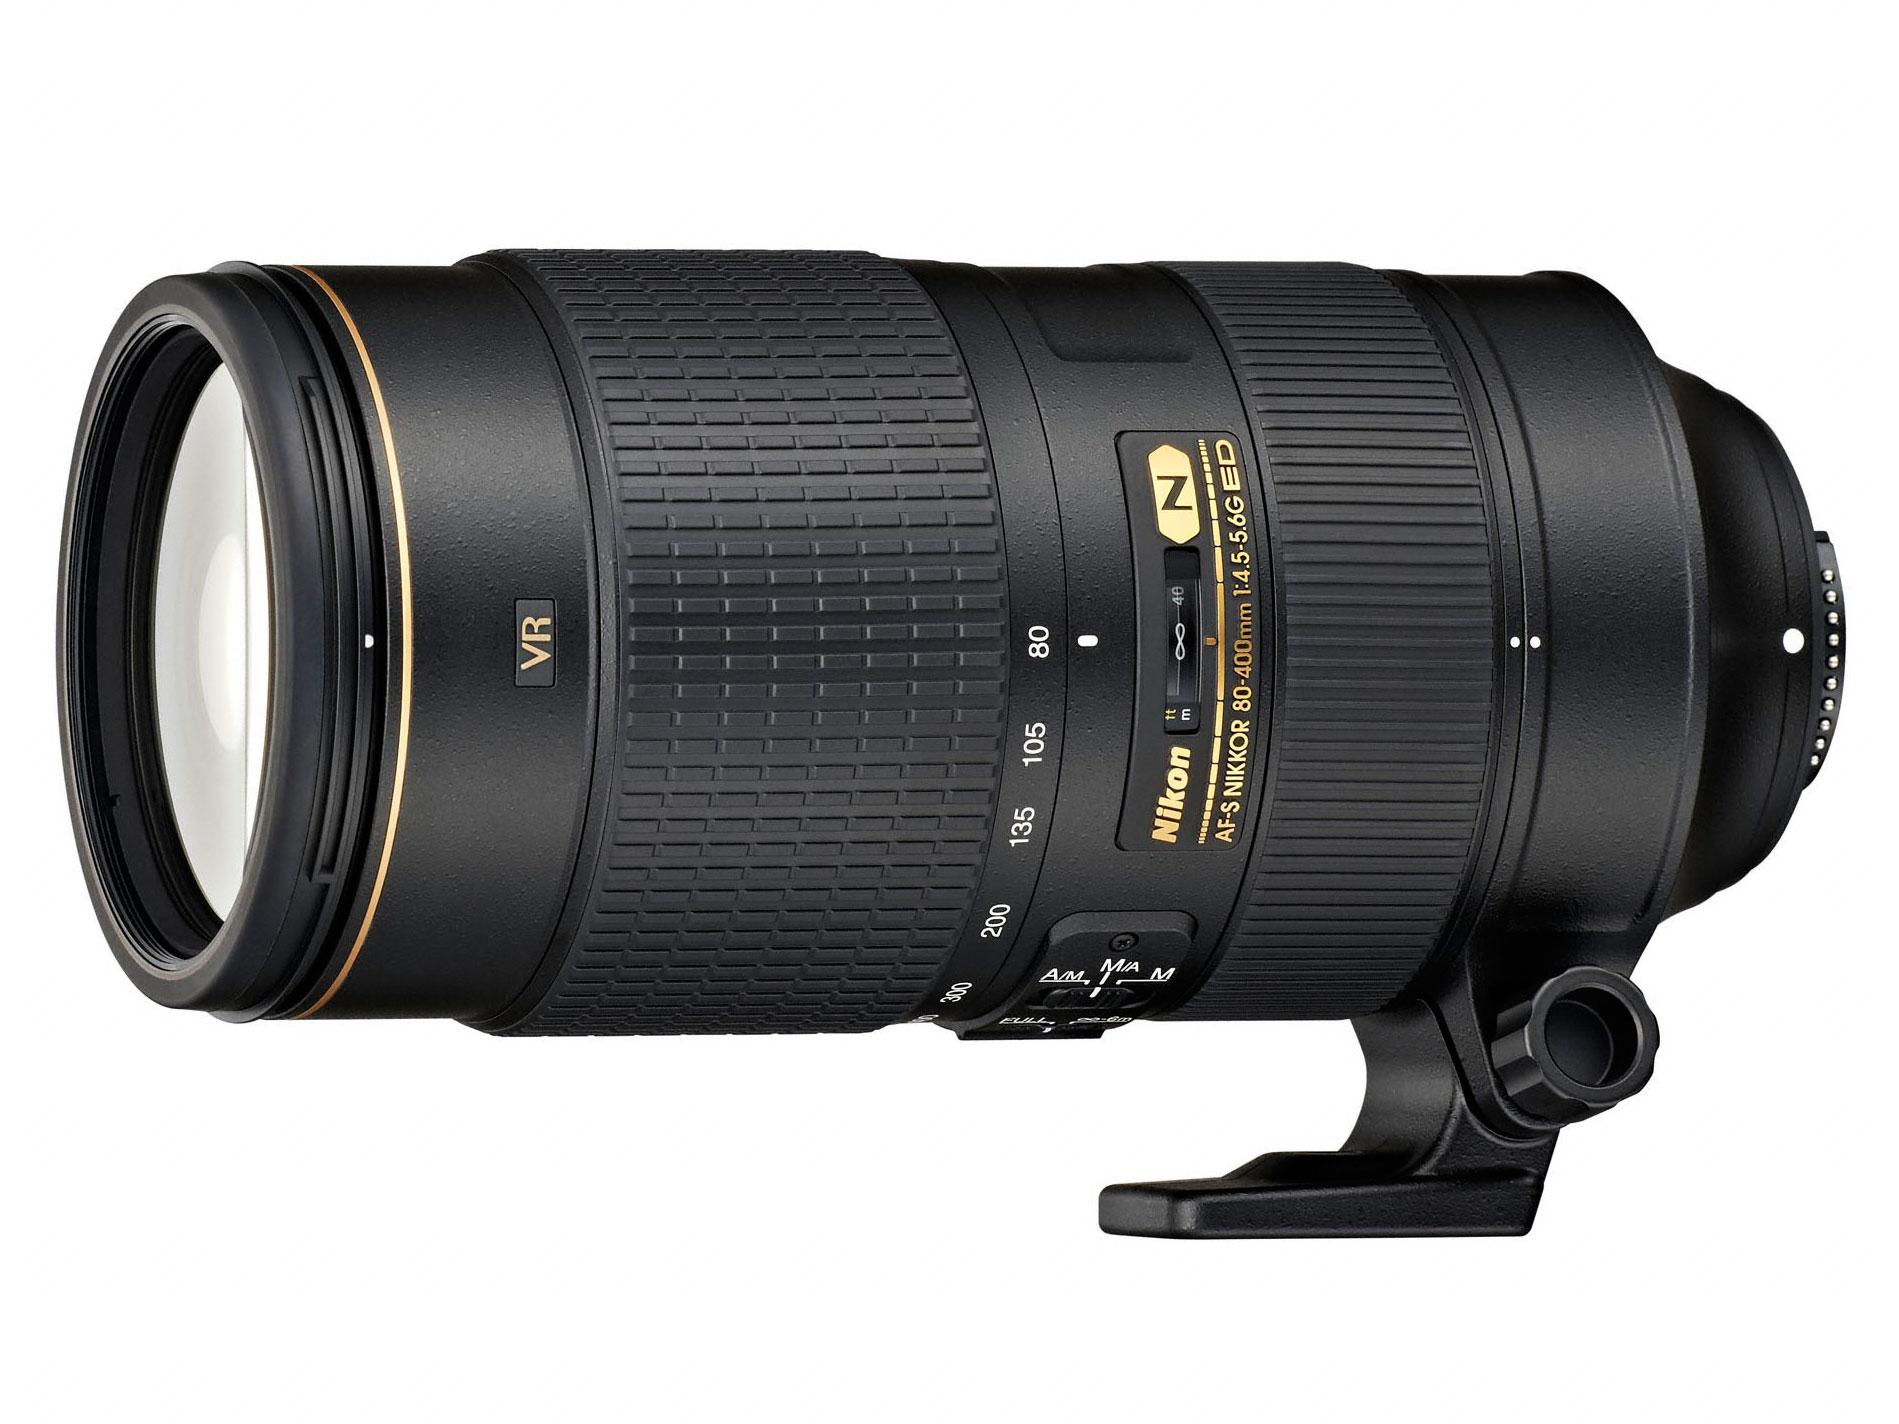 Nikon Introduces AF-S NIKKOR 80-400mm f/4.5-5.6G ED 3